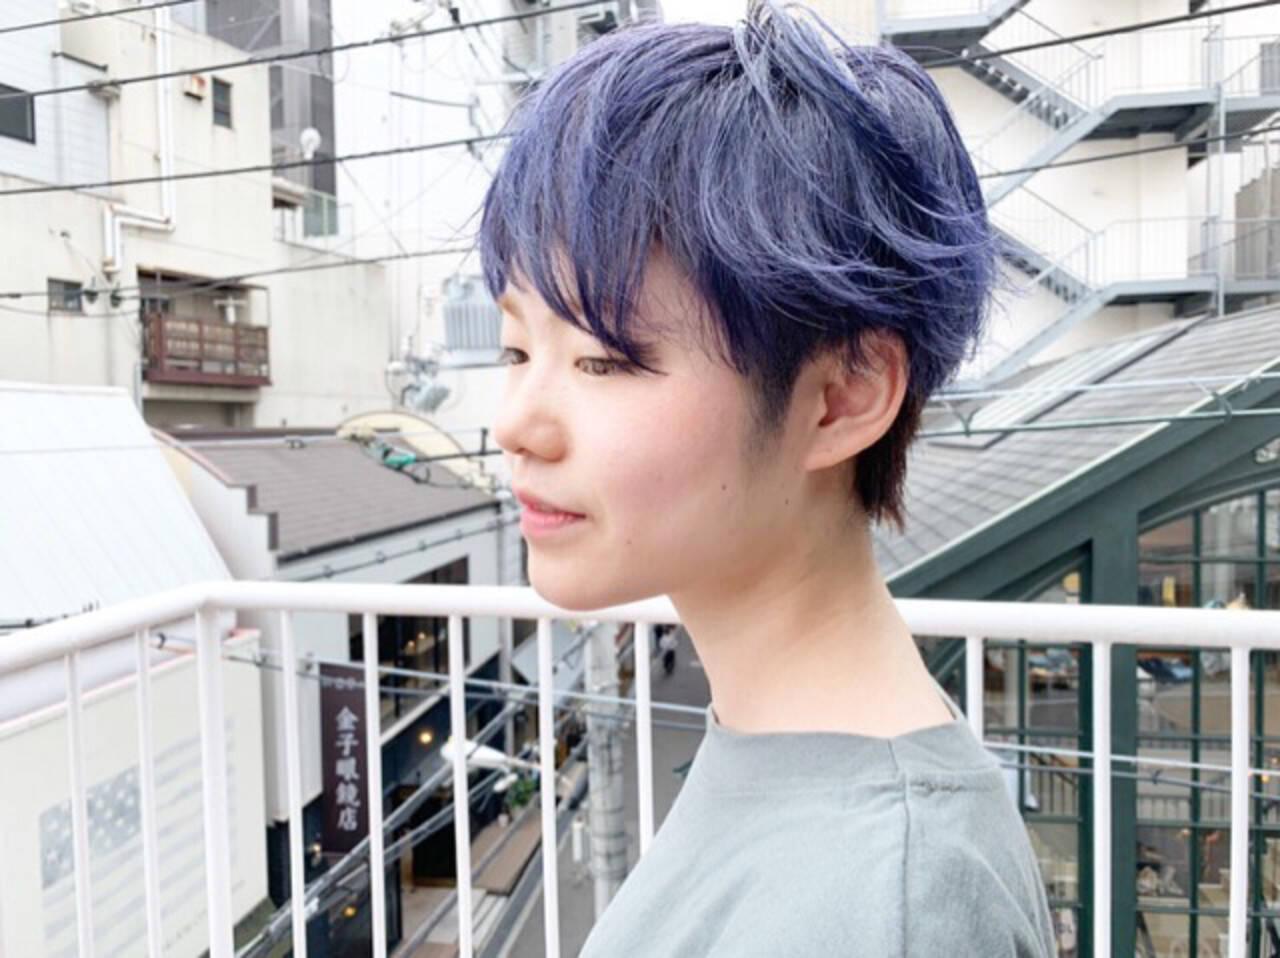 アッシュベージュ ネイビーアッシュ スモーキーアッシュベージュ ショートヘアスタイルや髪型の写真・画像